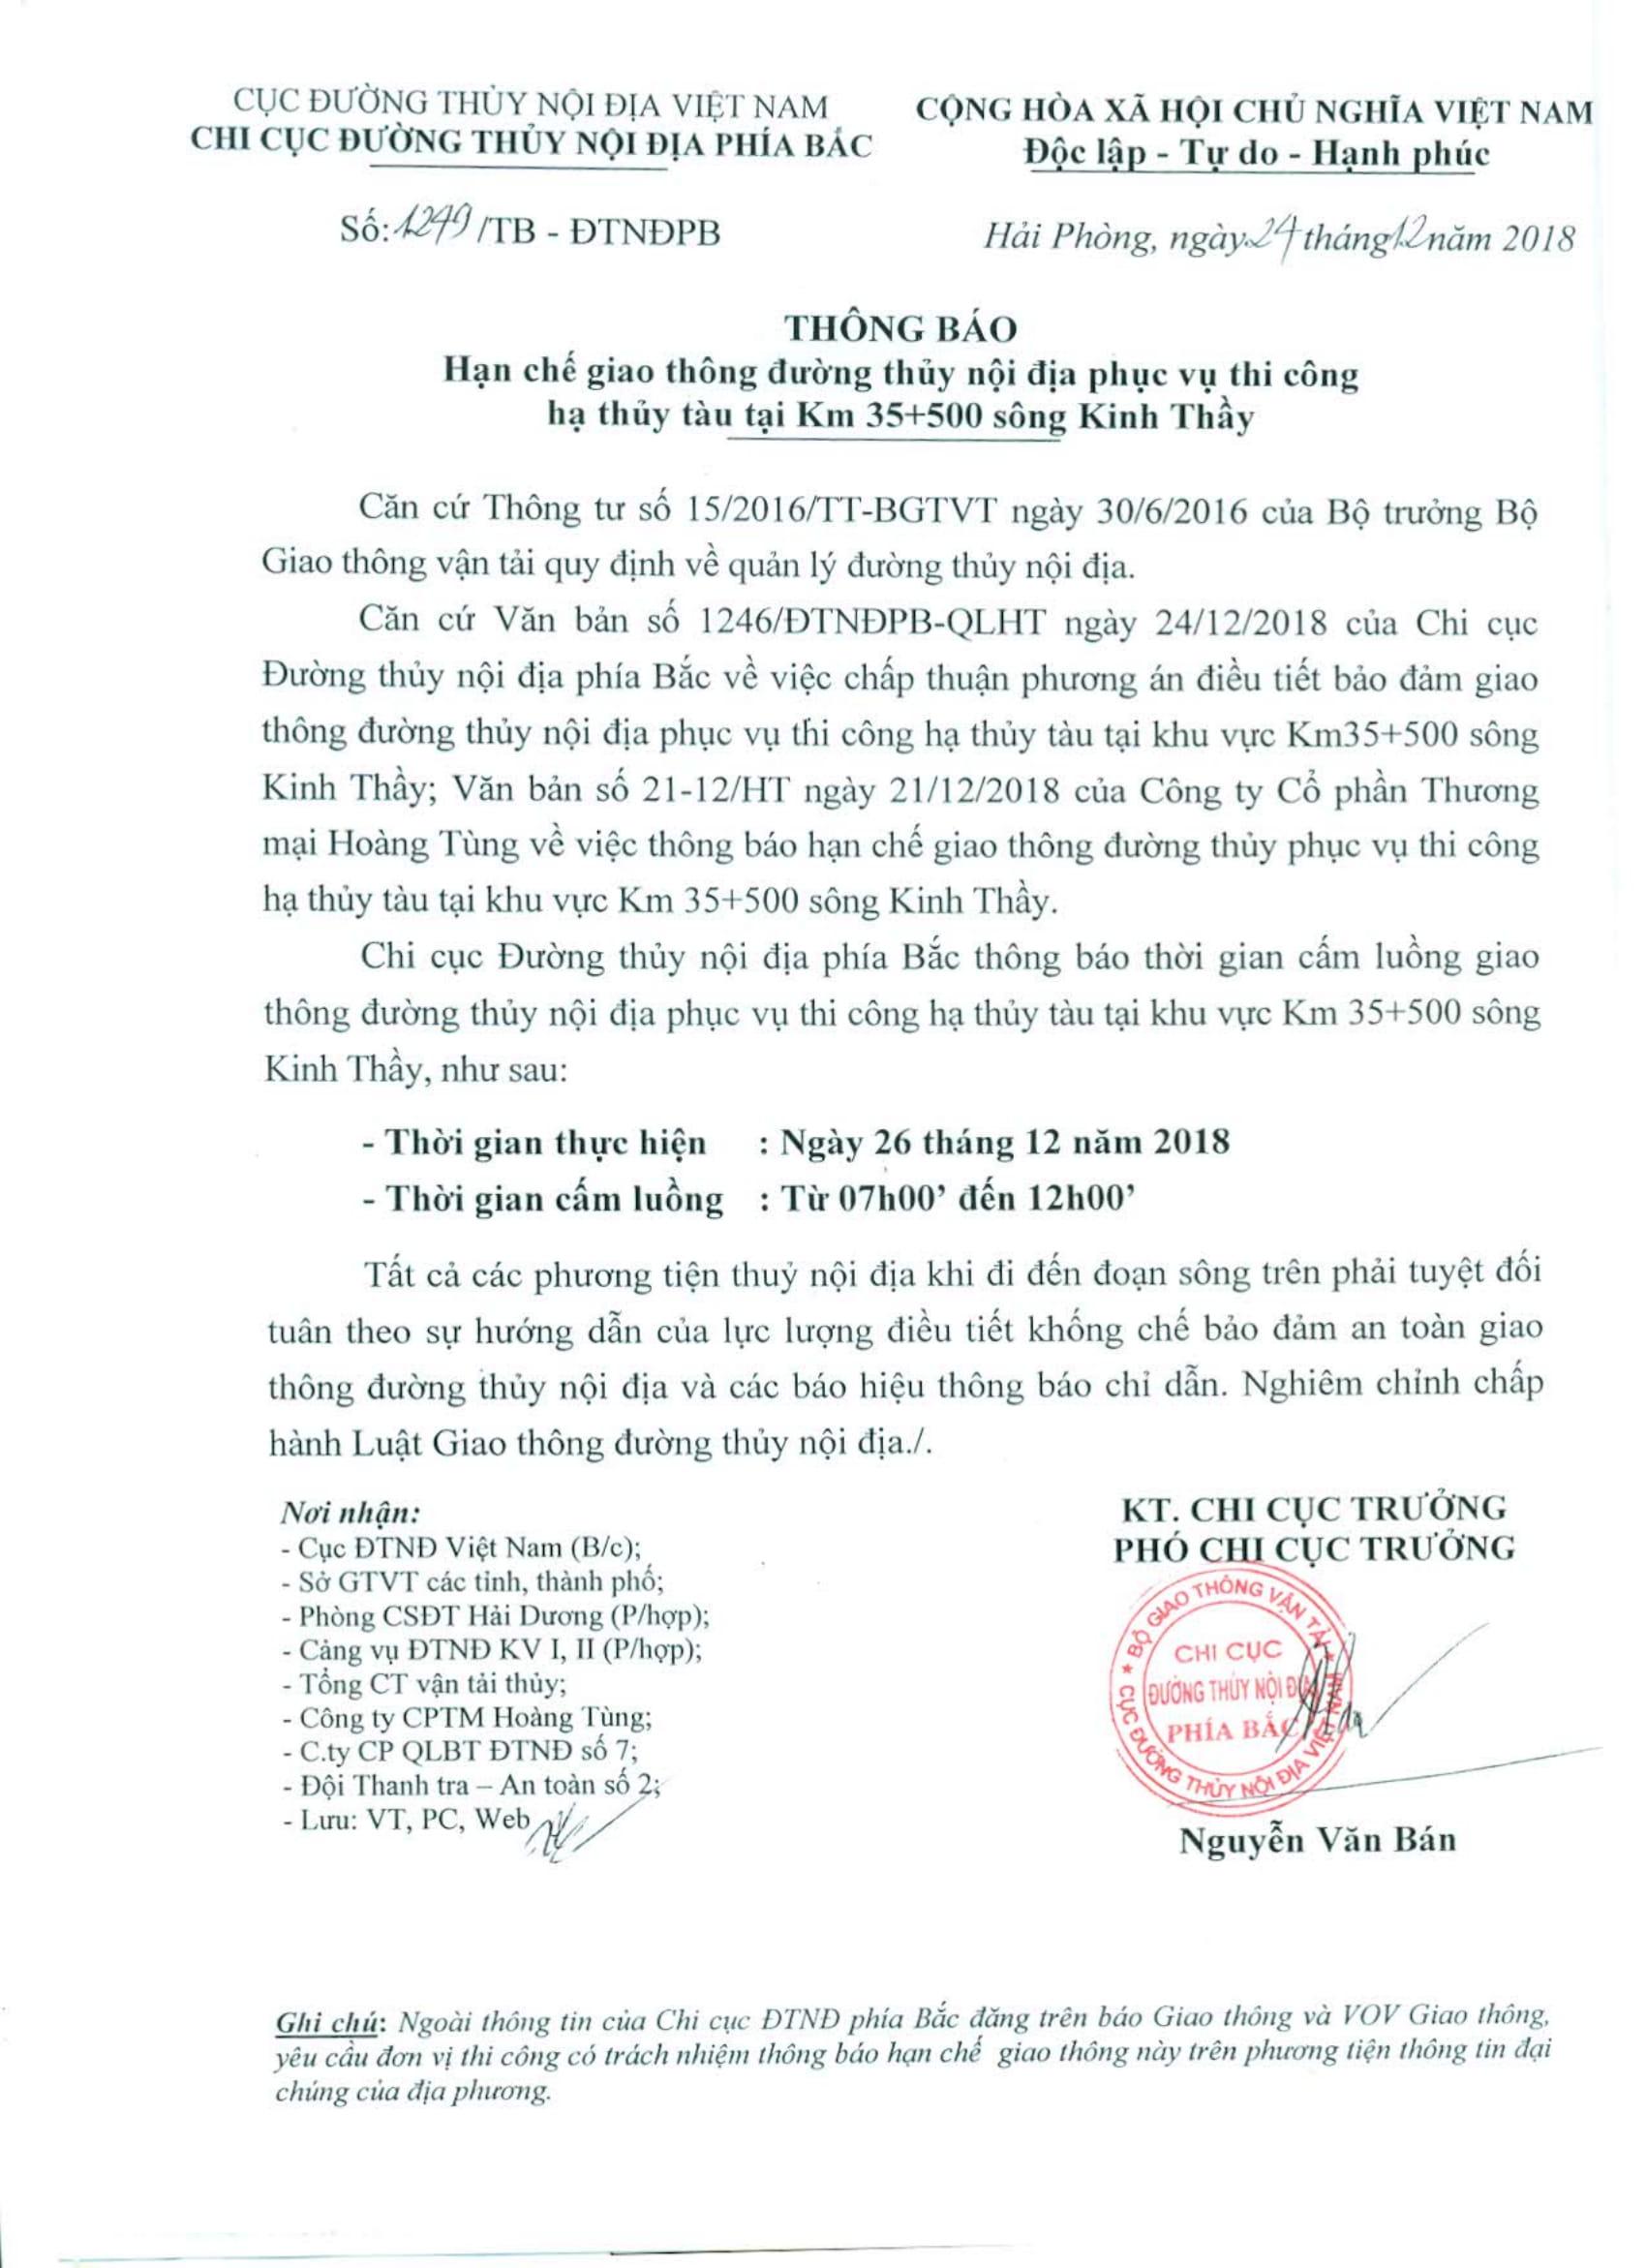 Thông báo HCGT ĐTNĐ phục vụ hạ thủy tàu qua sông Kinh Thầy